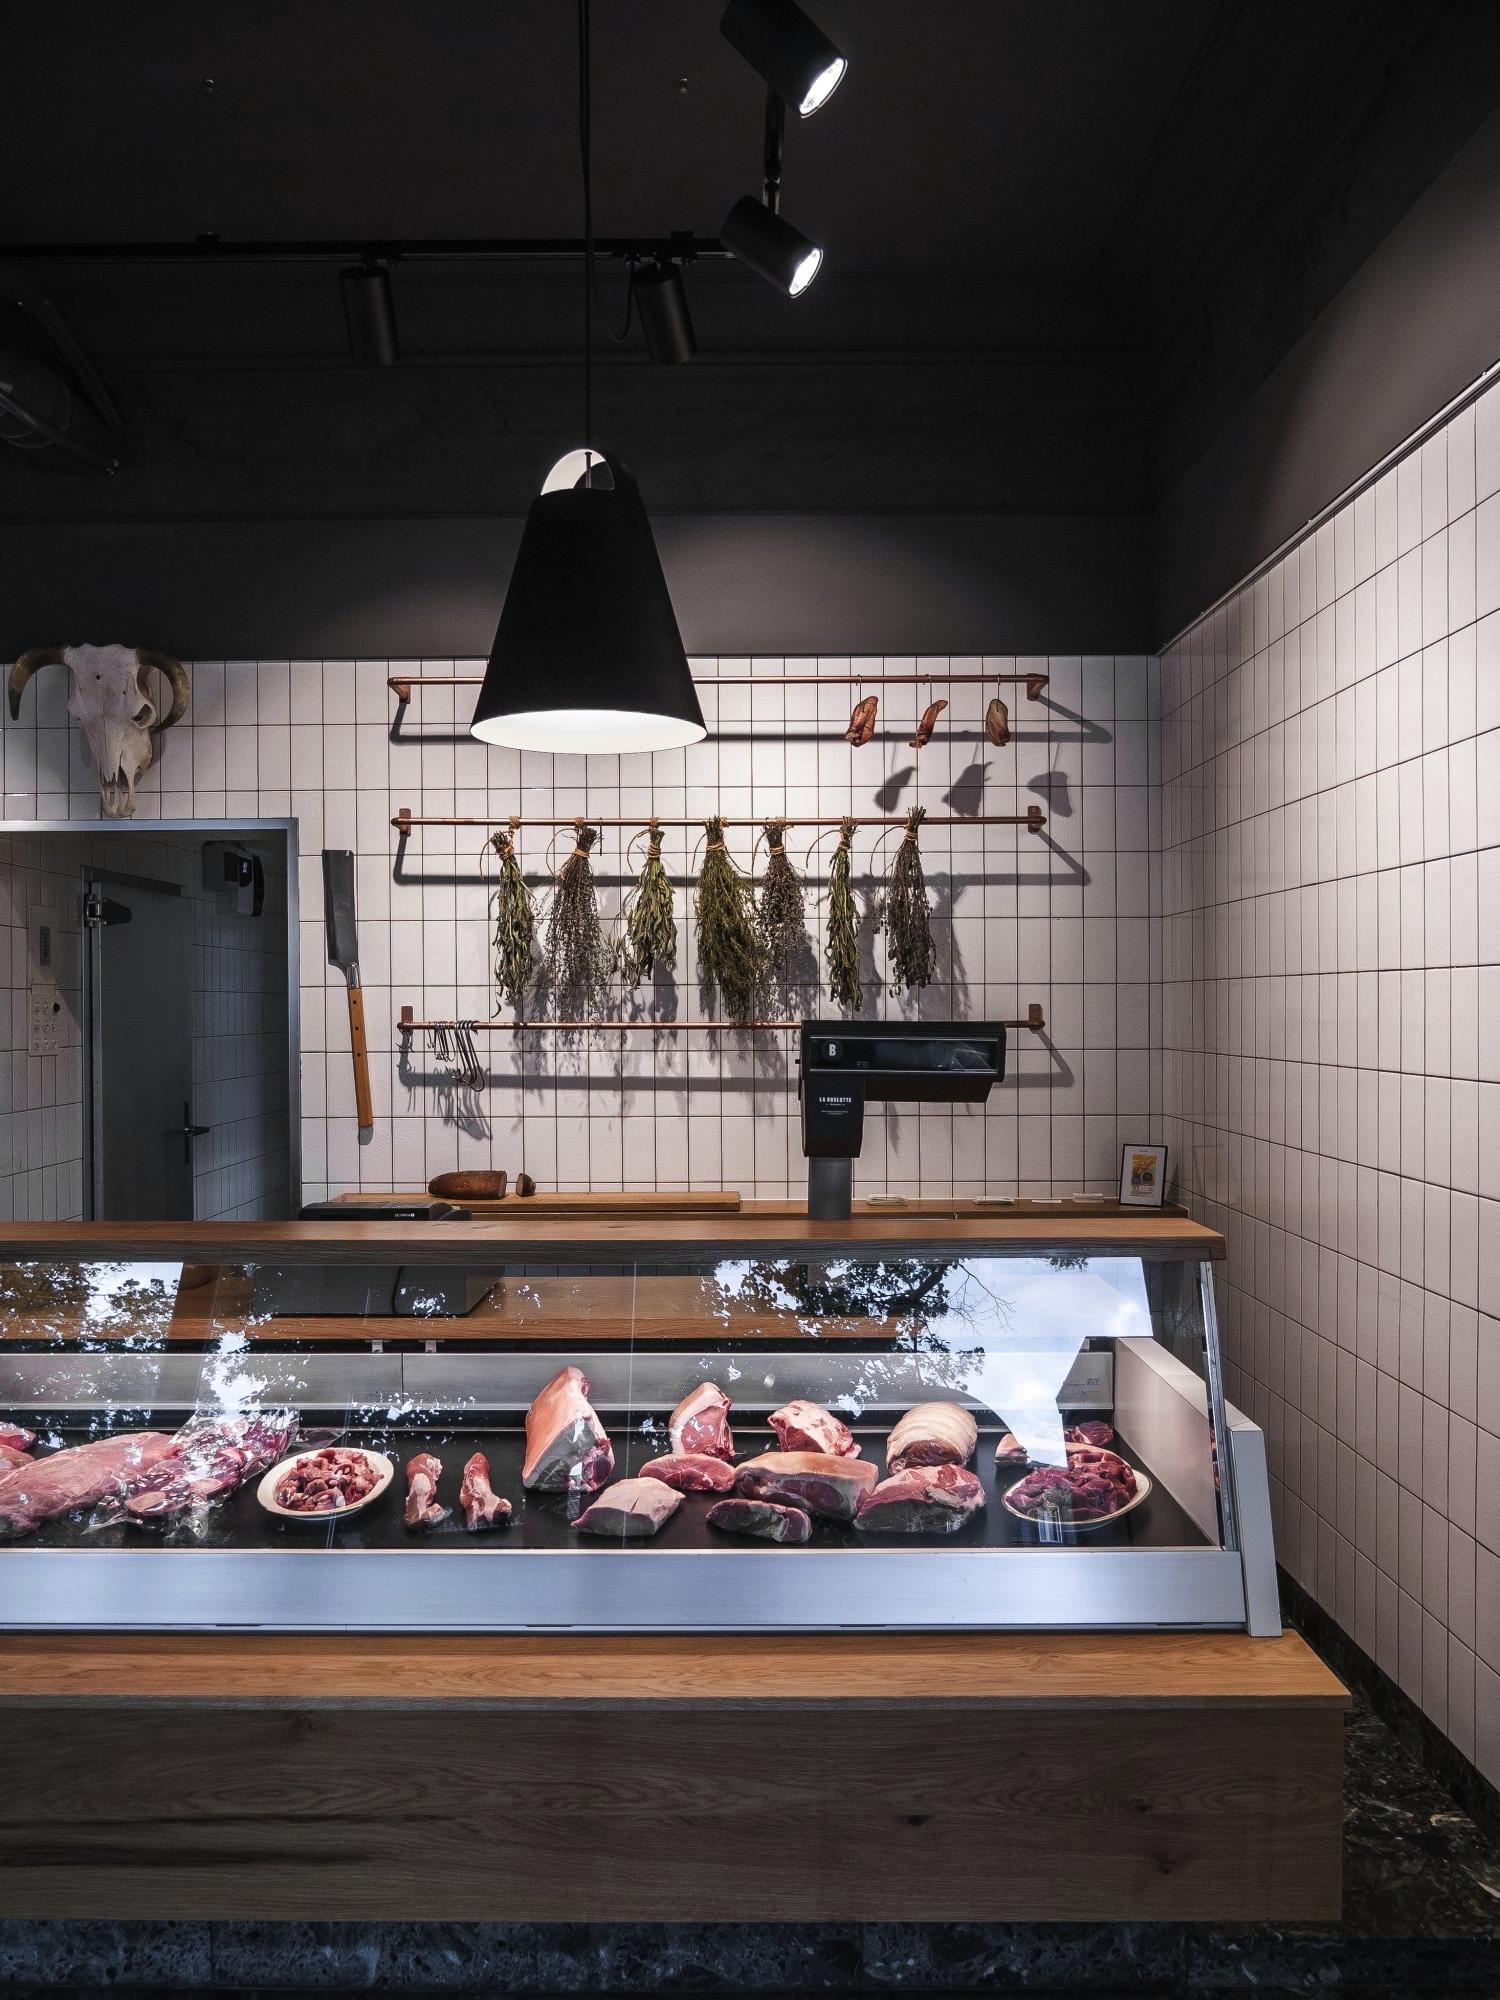 SHOP_  LA BOULOTTE.  #Meat #NoseToTail #Butcher #Tattoo    https://www.laboulotte.ch